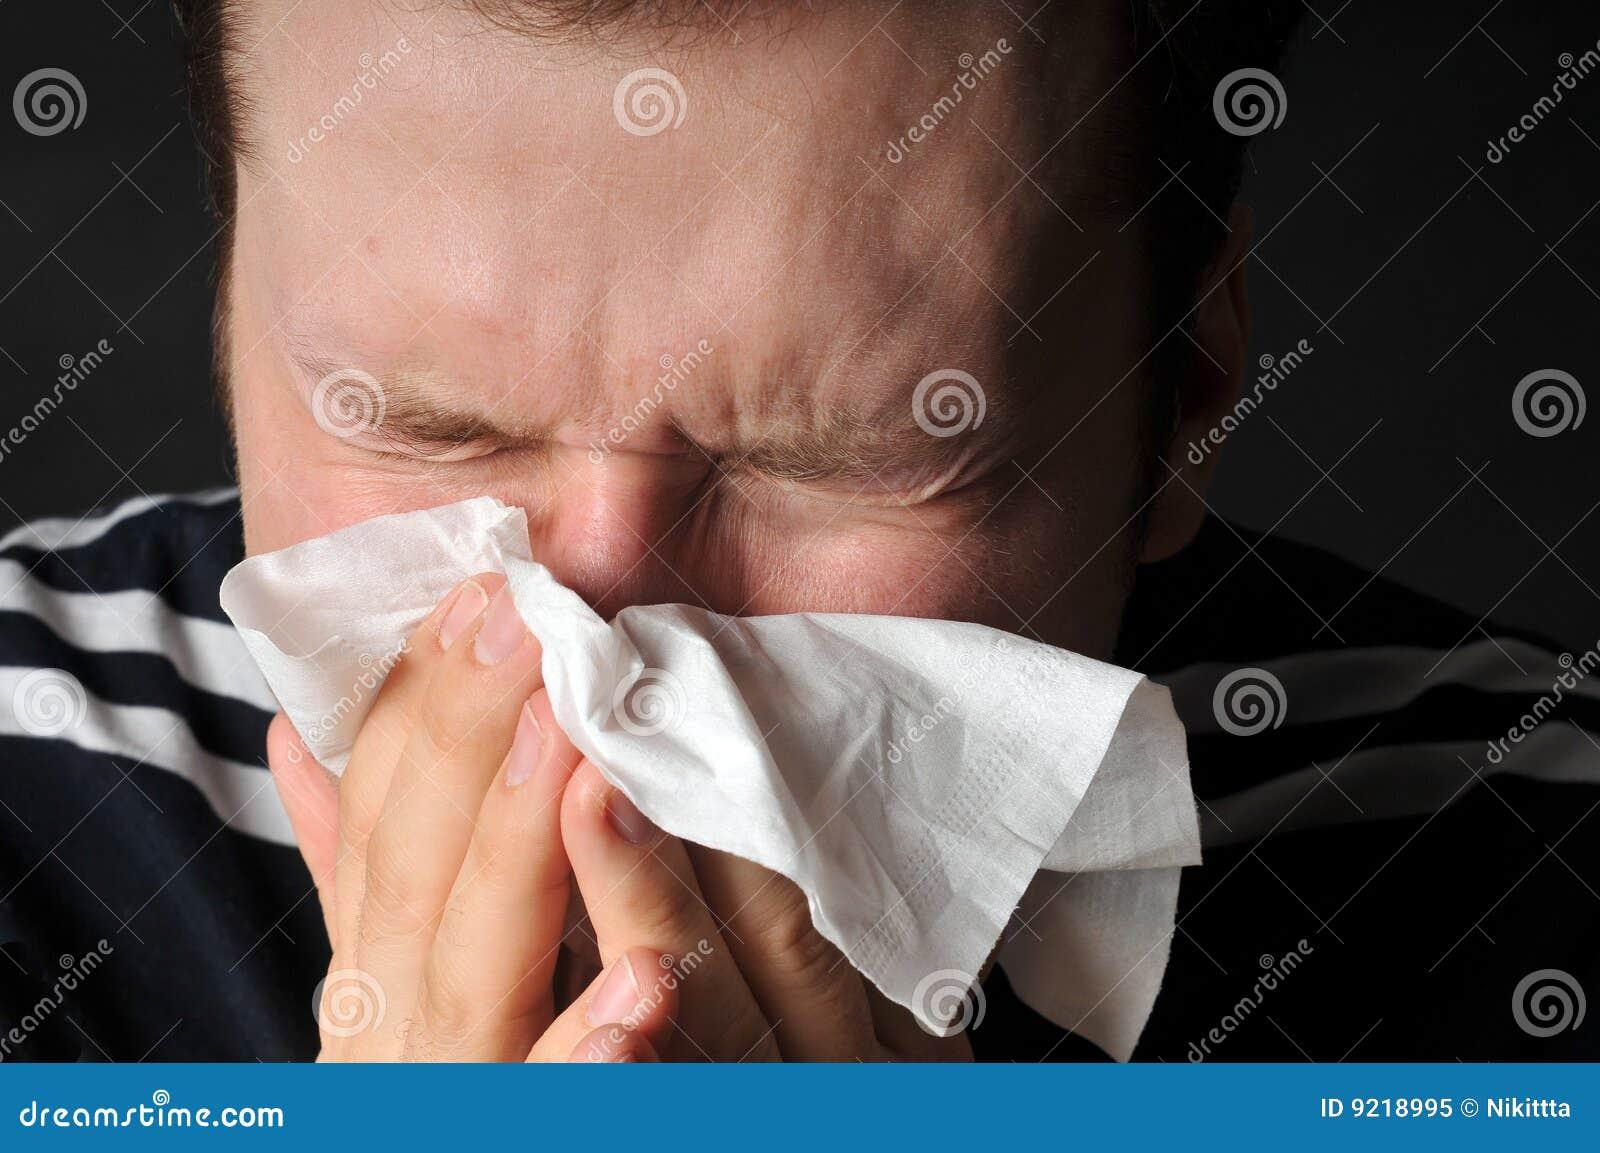 过敏寒冷流感